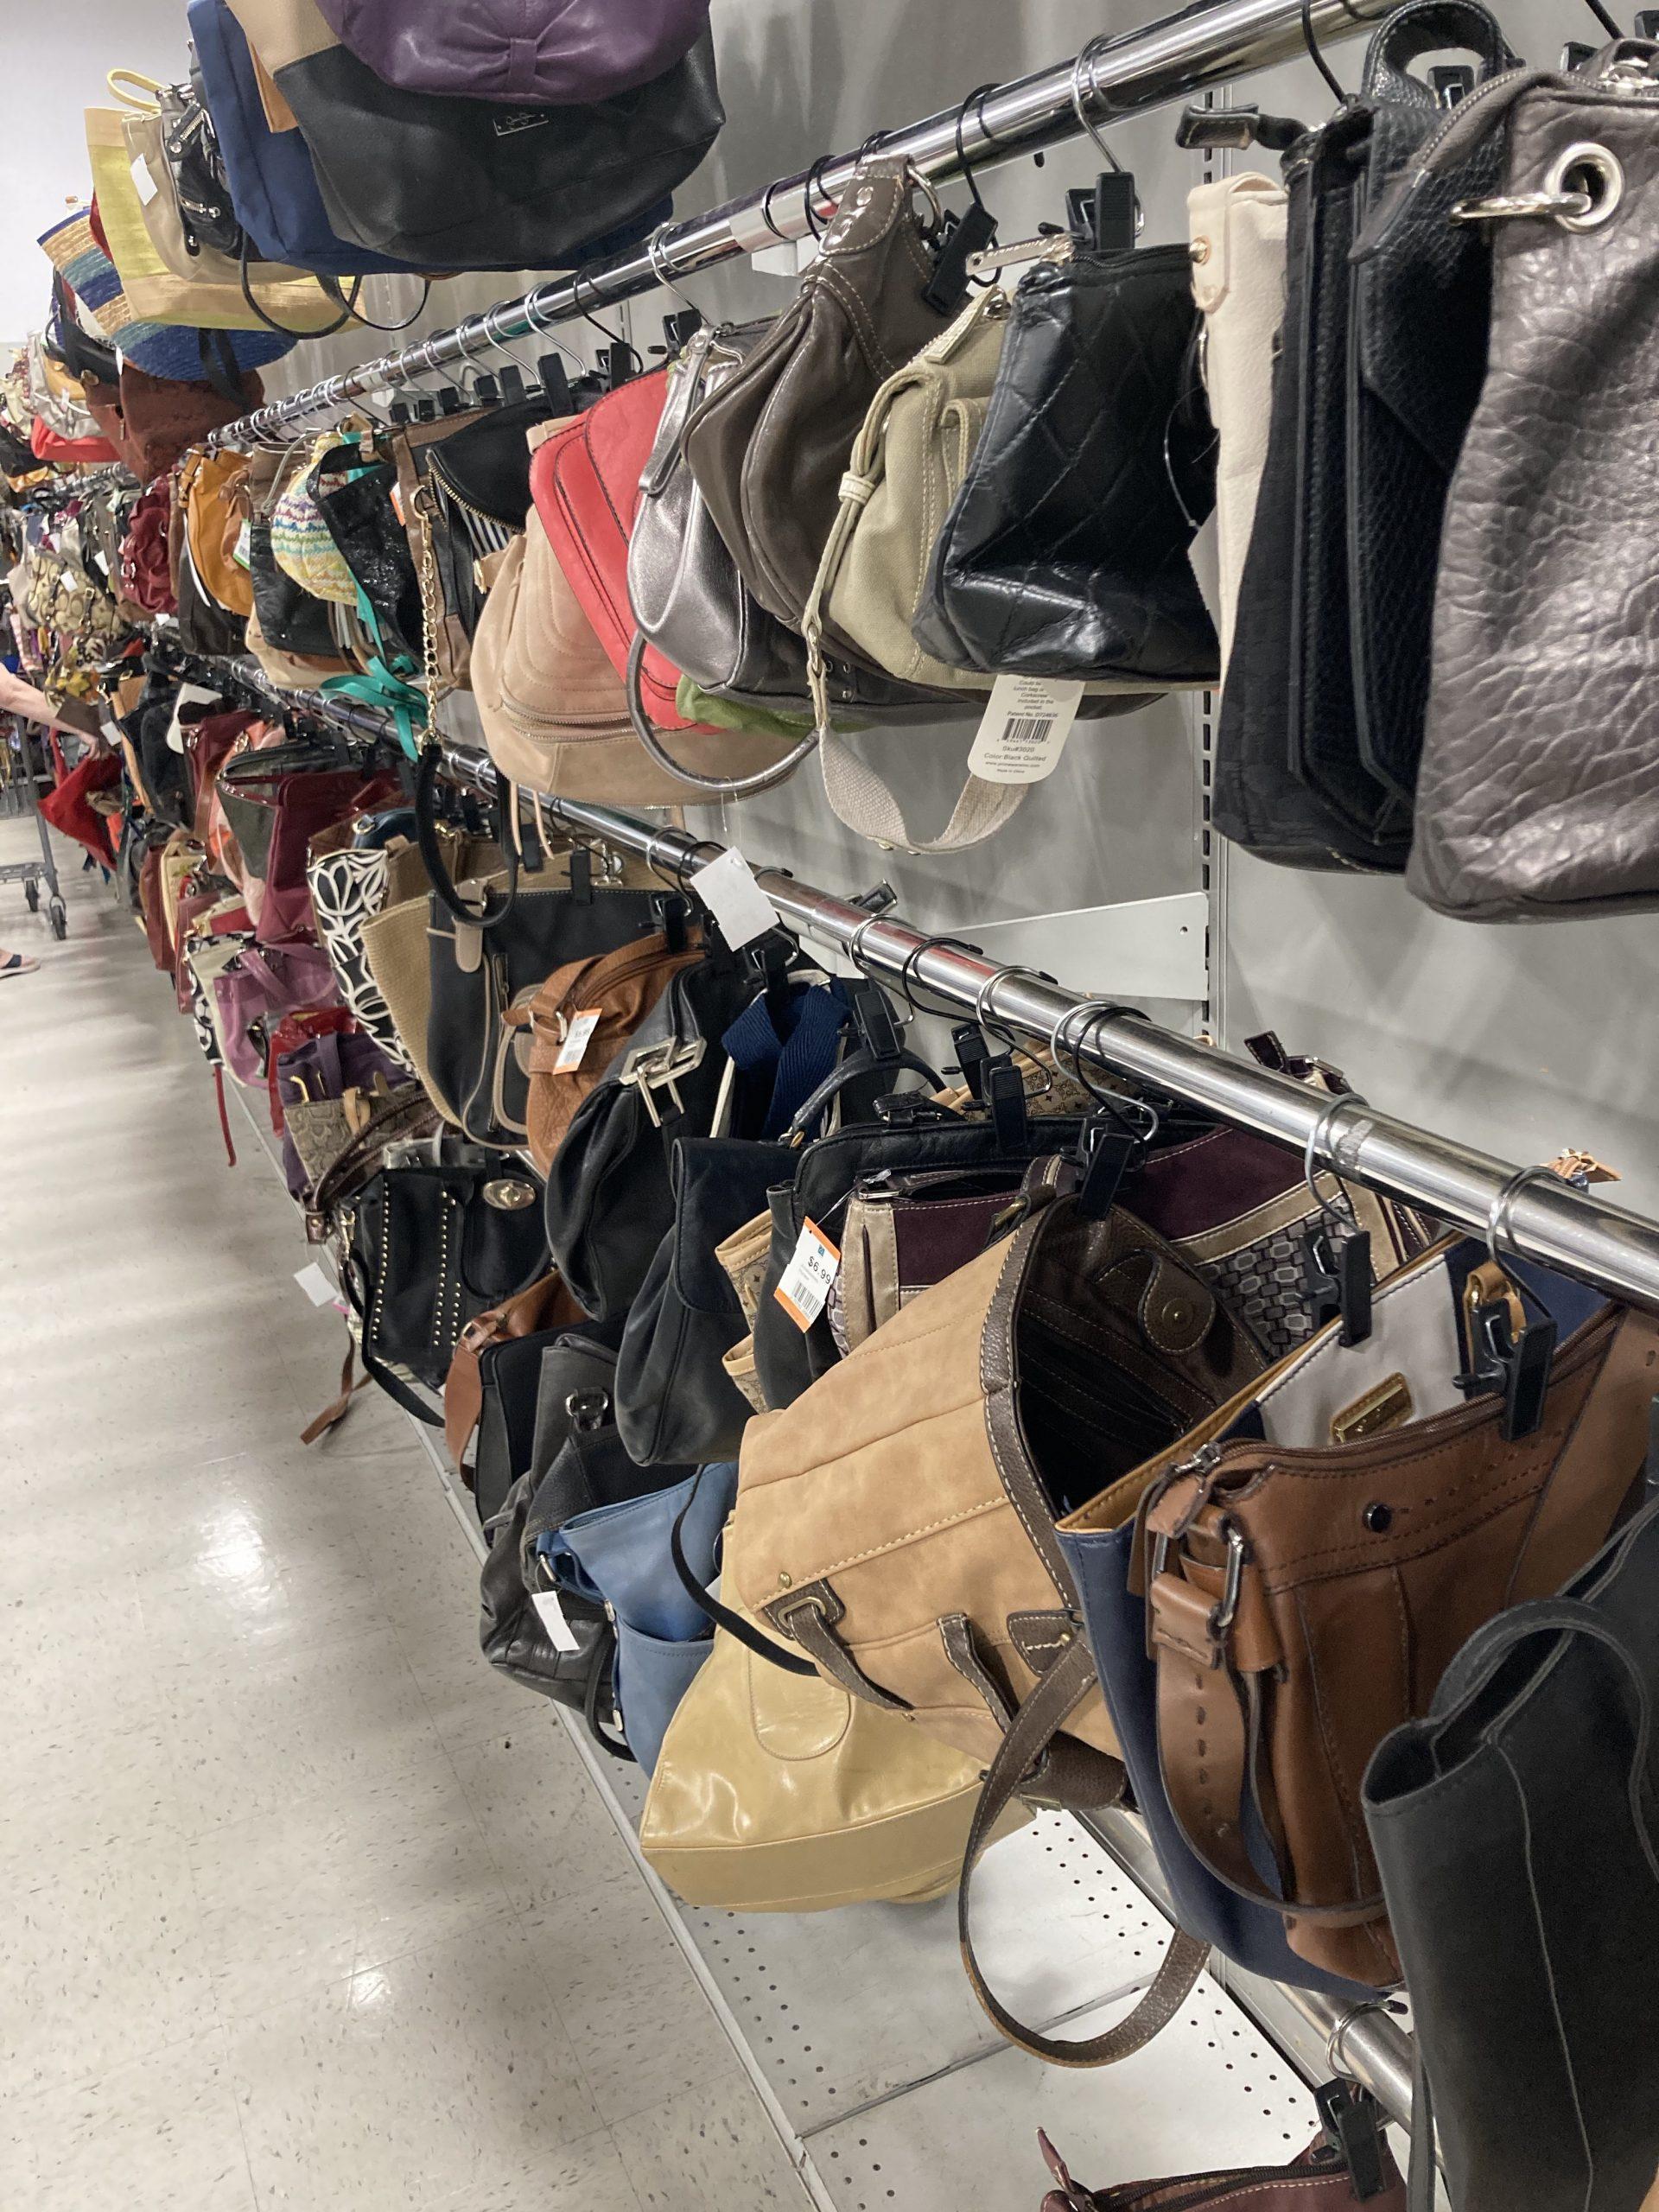 Value Village purse row